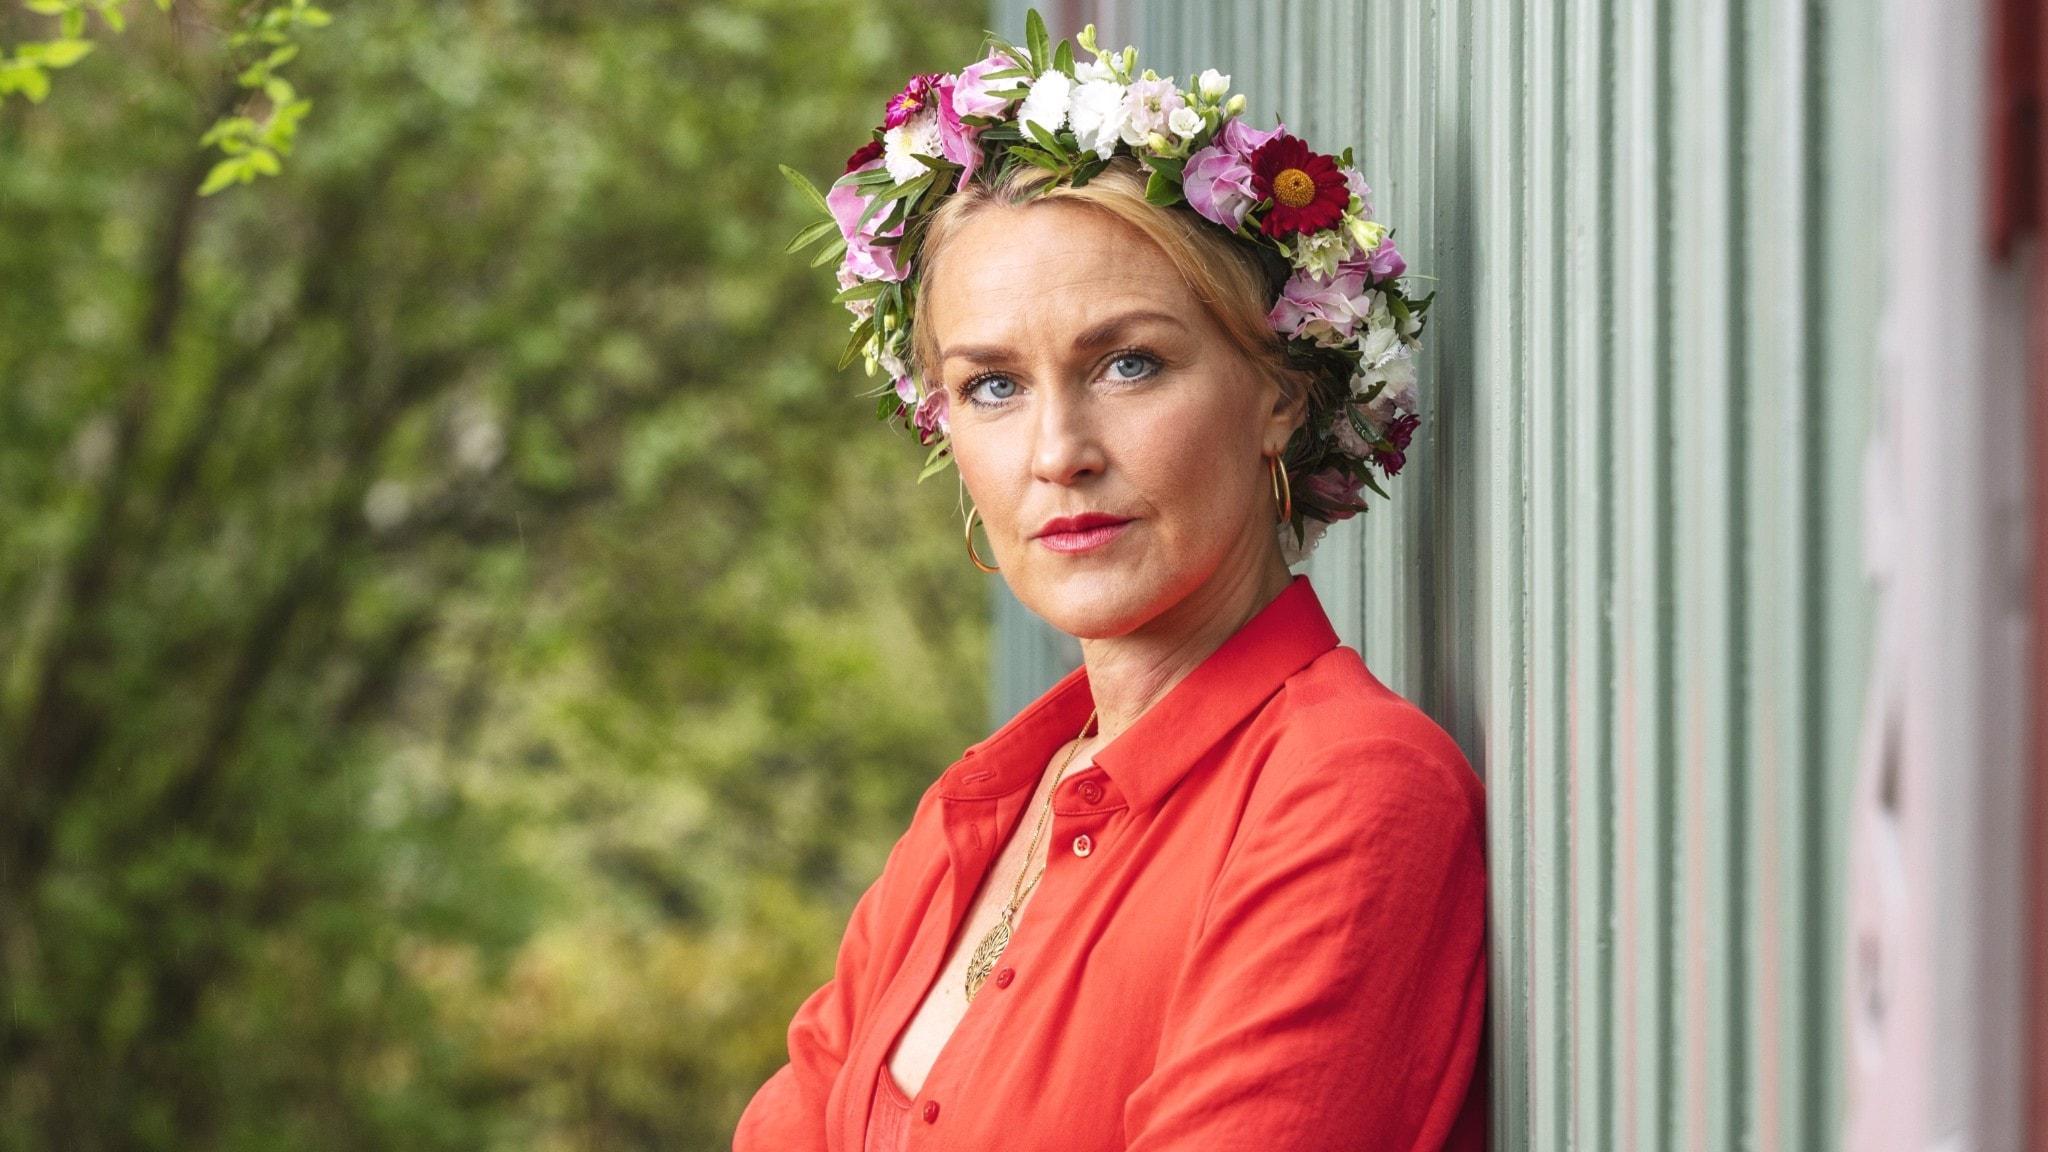 Olga Persson med blomsterkrans på huvudet, lutar sig mot en vägg.